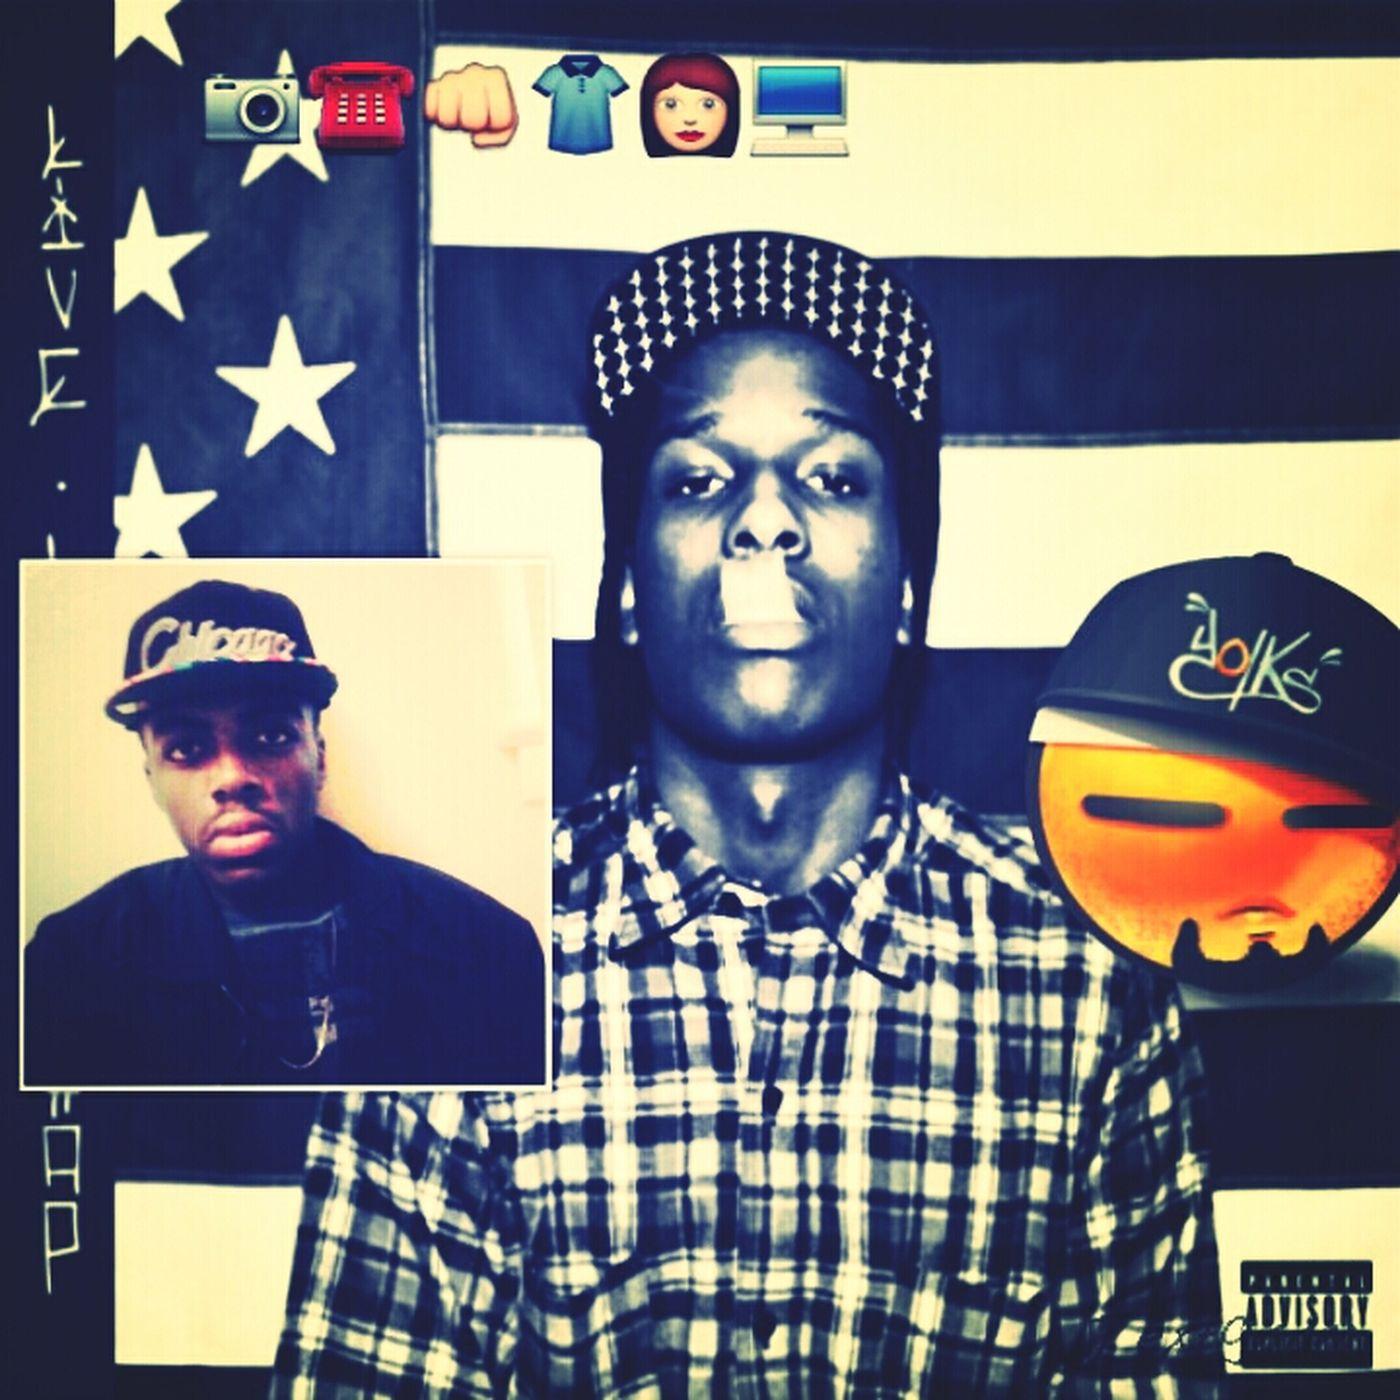 #Rocking that LIVE LOVE A$AP Mixtape